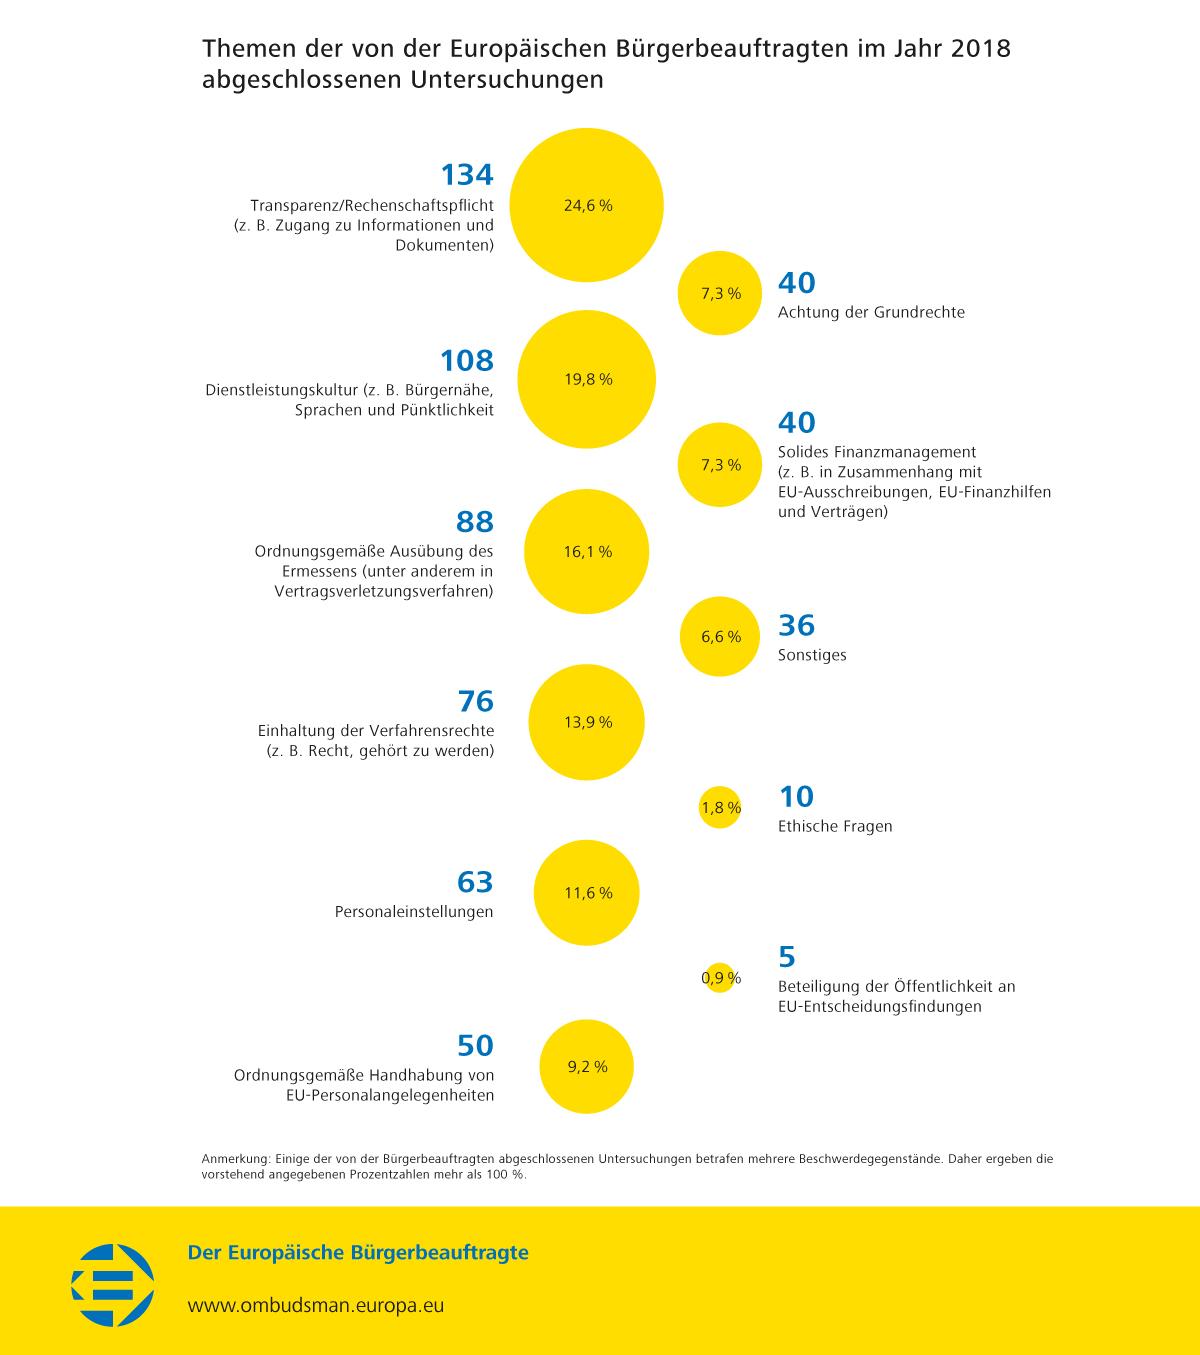 Themen der von der Europäischen Bürgerbeauftragten im Jahr 2018 abgeschlossenen Untersuchungen